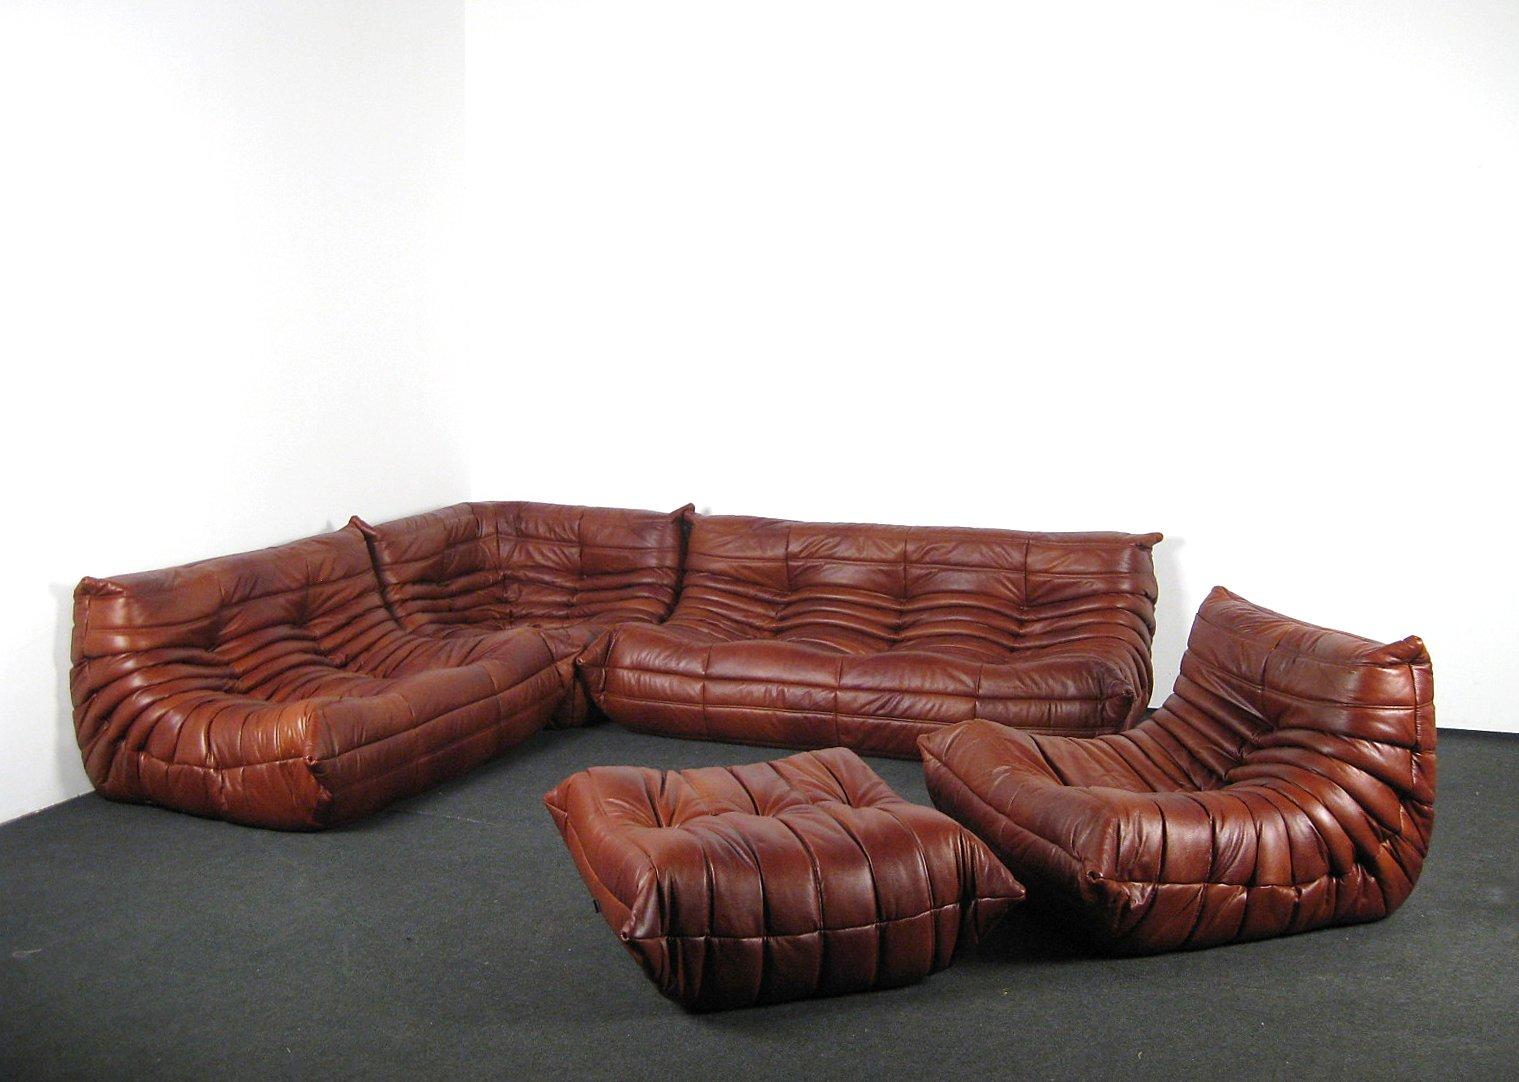 Wundervoll Zweiersofa Referenz Von Michel Ducaroy, Lounge Suite Modell Togo, Dreiersofa,